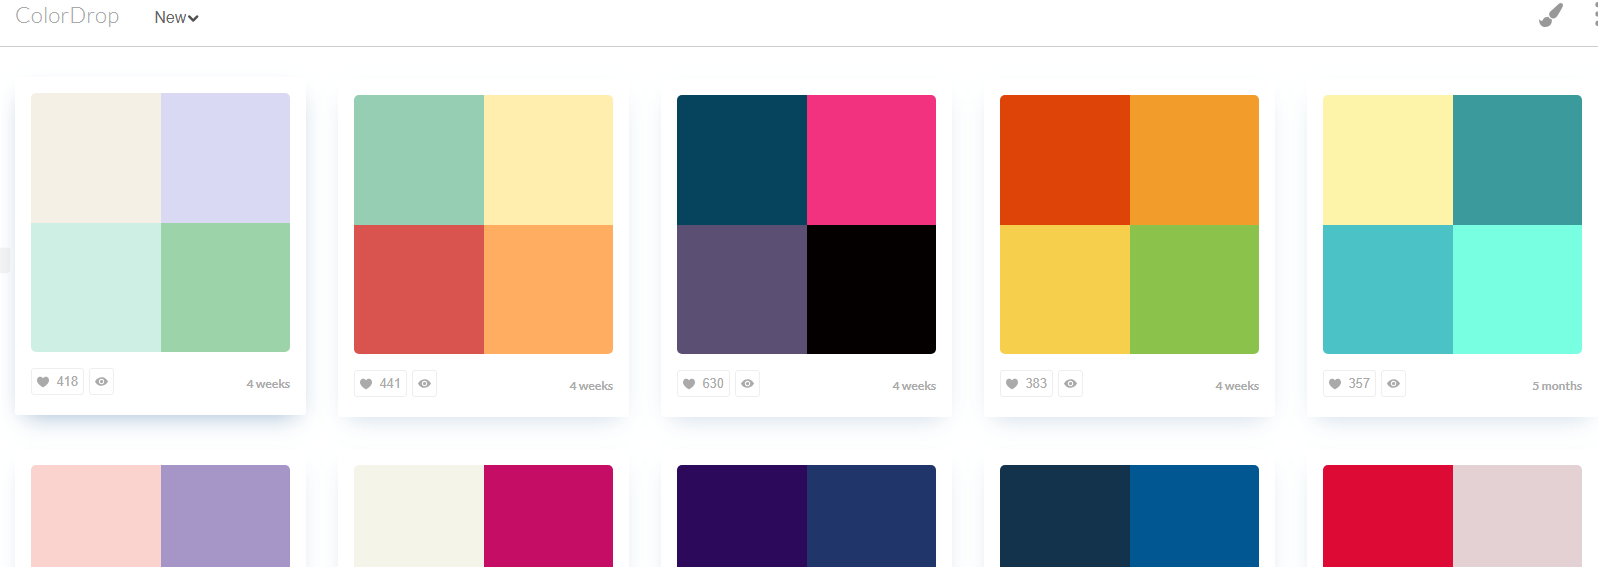 缺少配色灵感,整理超全超赞的配色工具帮你-第16张图片-木头资源网